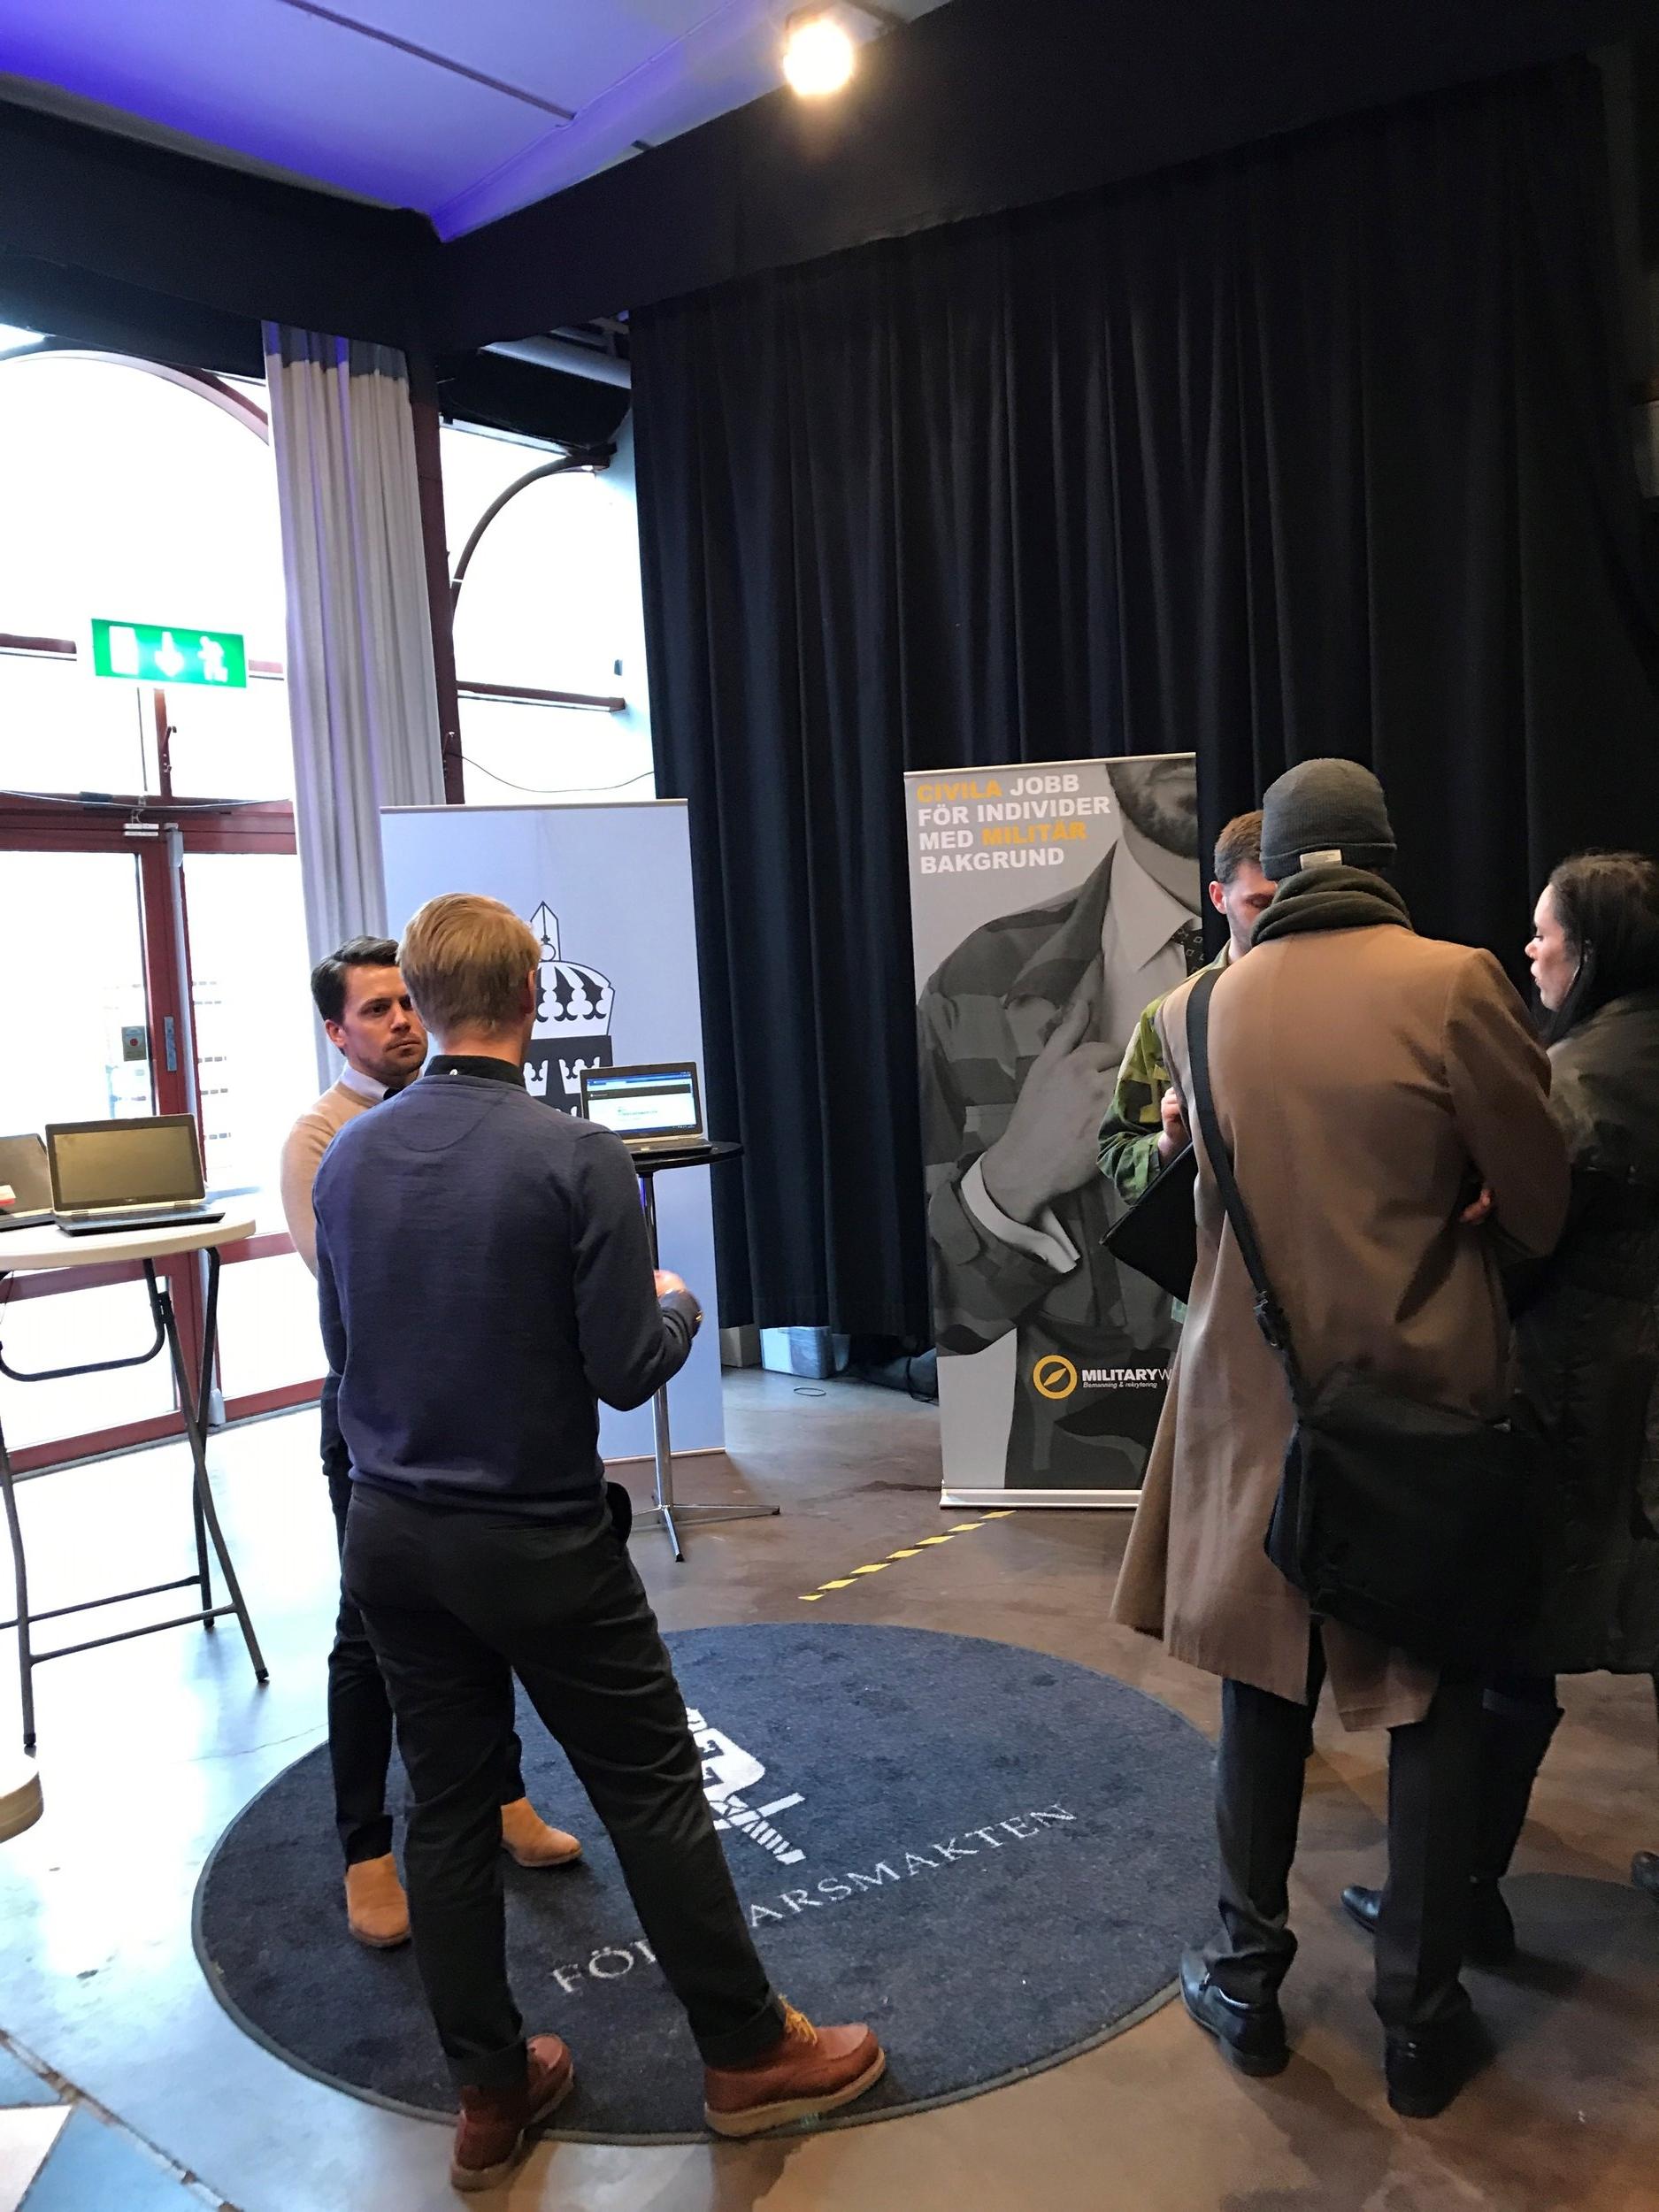 Mikael Forsberg berättar om hur Försvarsmakten och Military Work samarbetar lokalt i Skåne.